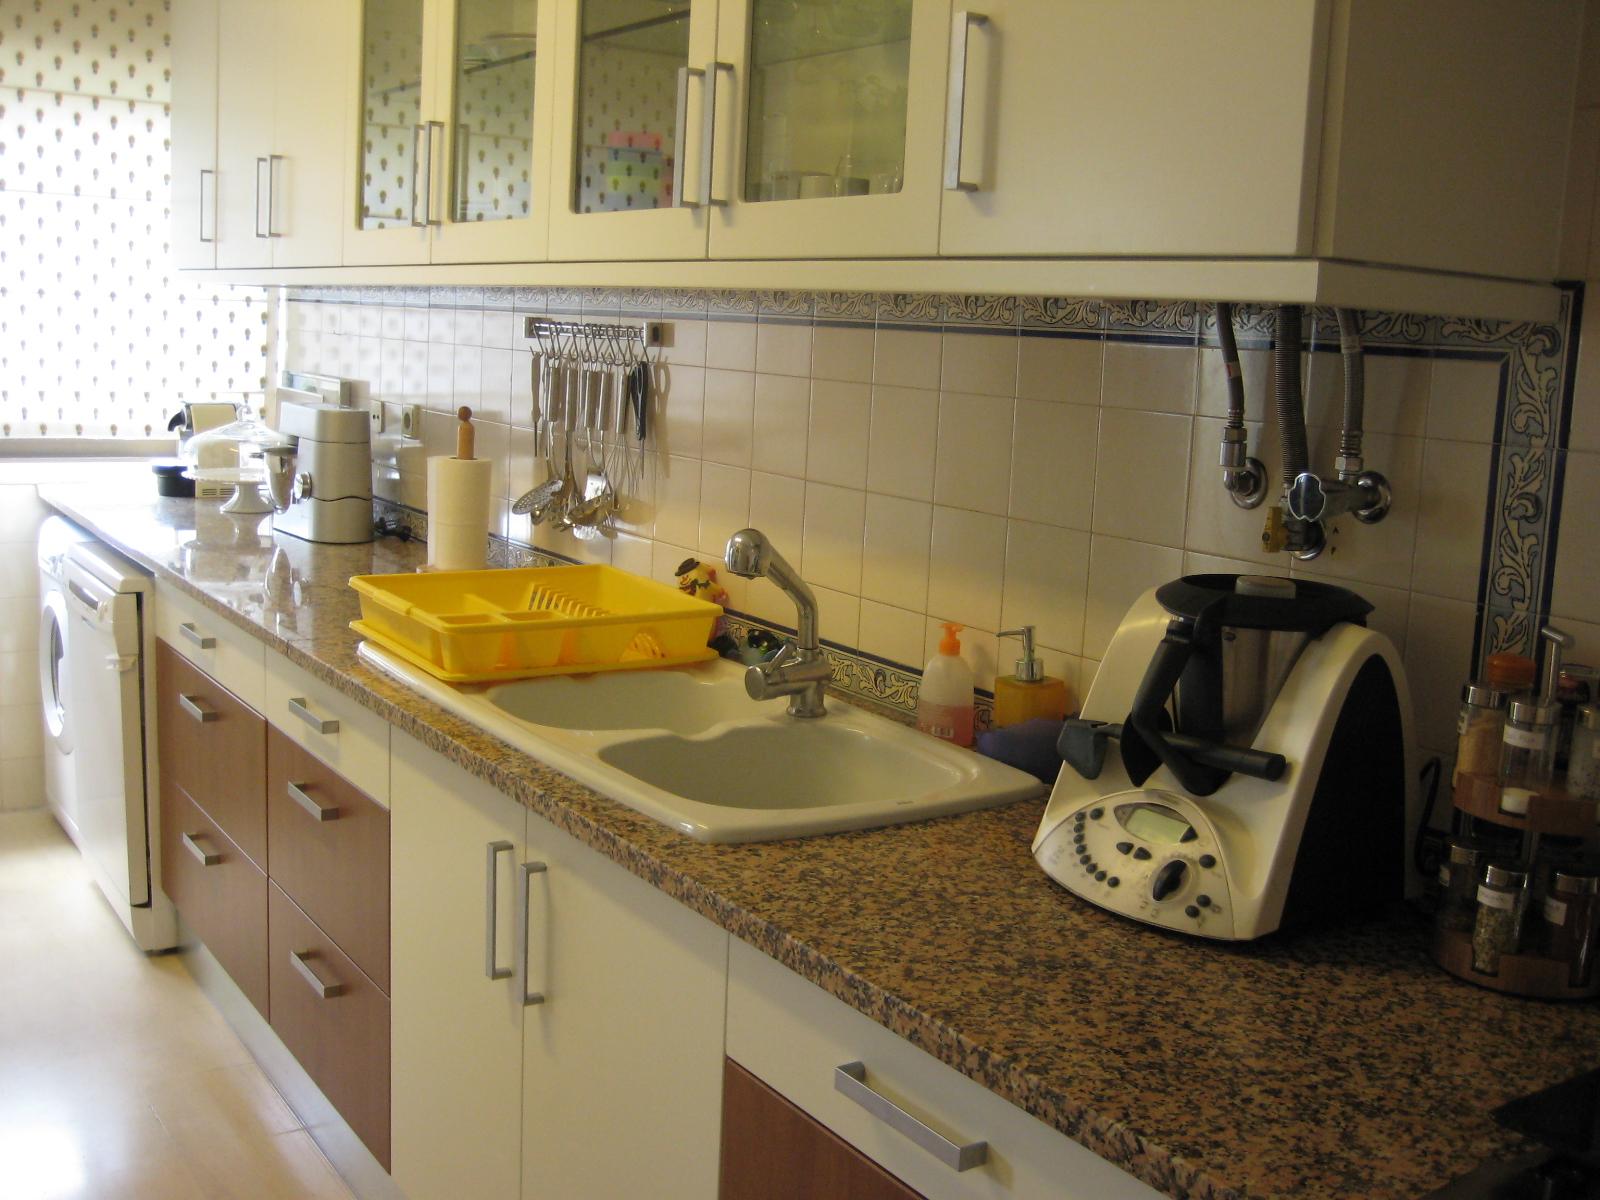 : Participação no passatempo A Minha Cozinha A Minha Receita #B1881A 1600 1200